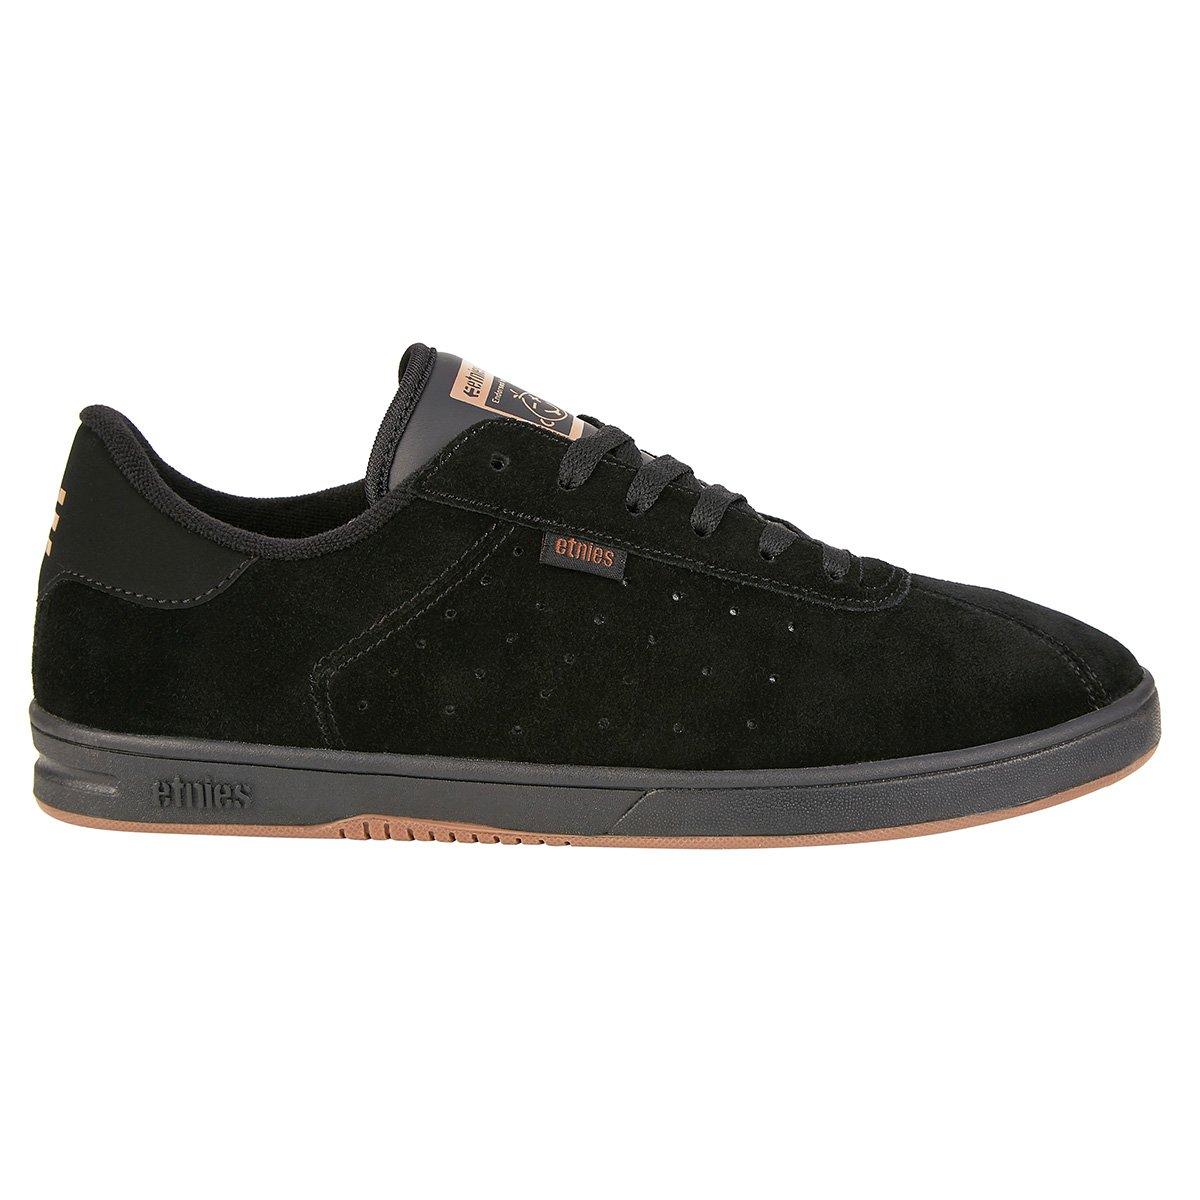 Noir The Scam gomme Chaussures Etnies noir Y8Txgw